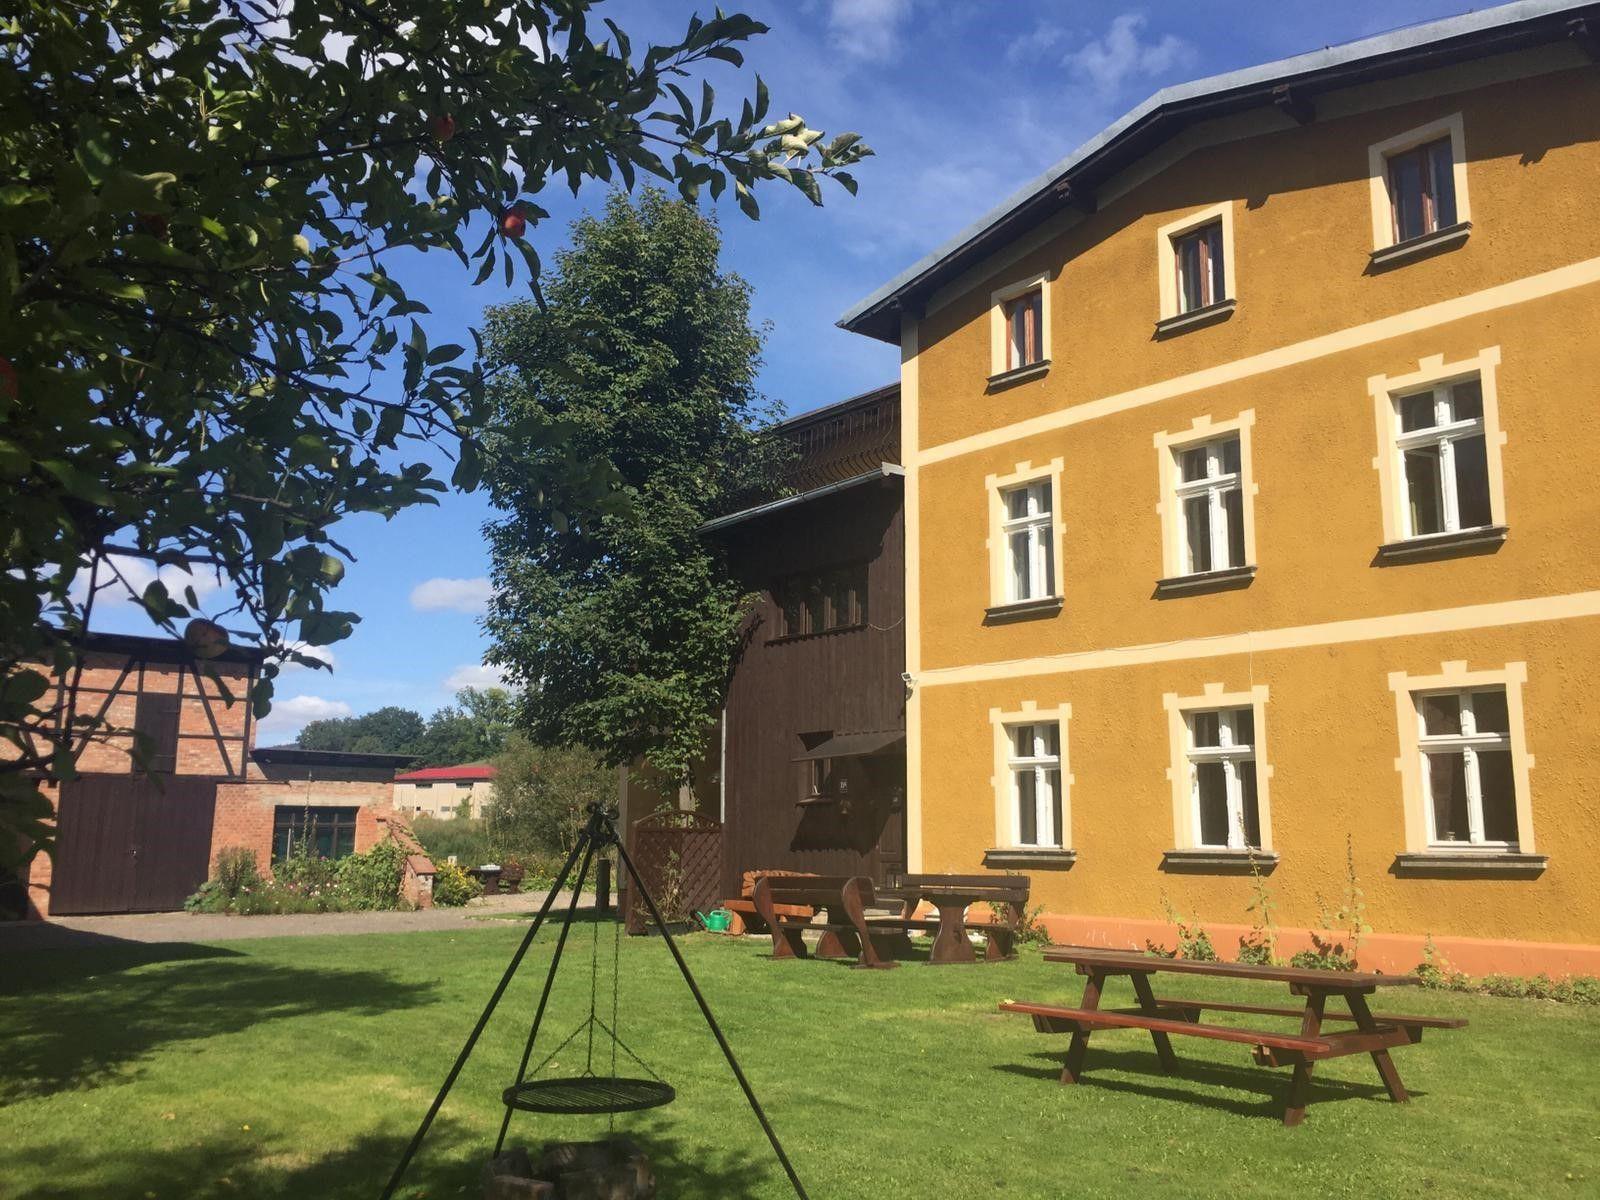 Ferienhaus für 16 Personen ca. 600 m² in  in Polen